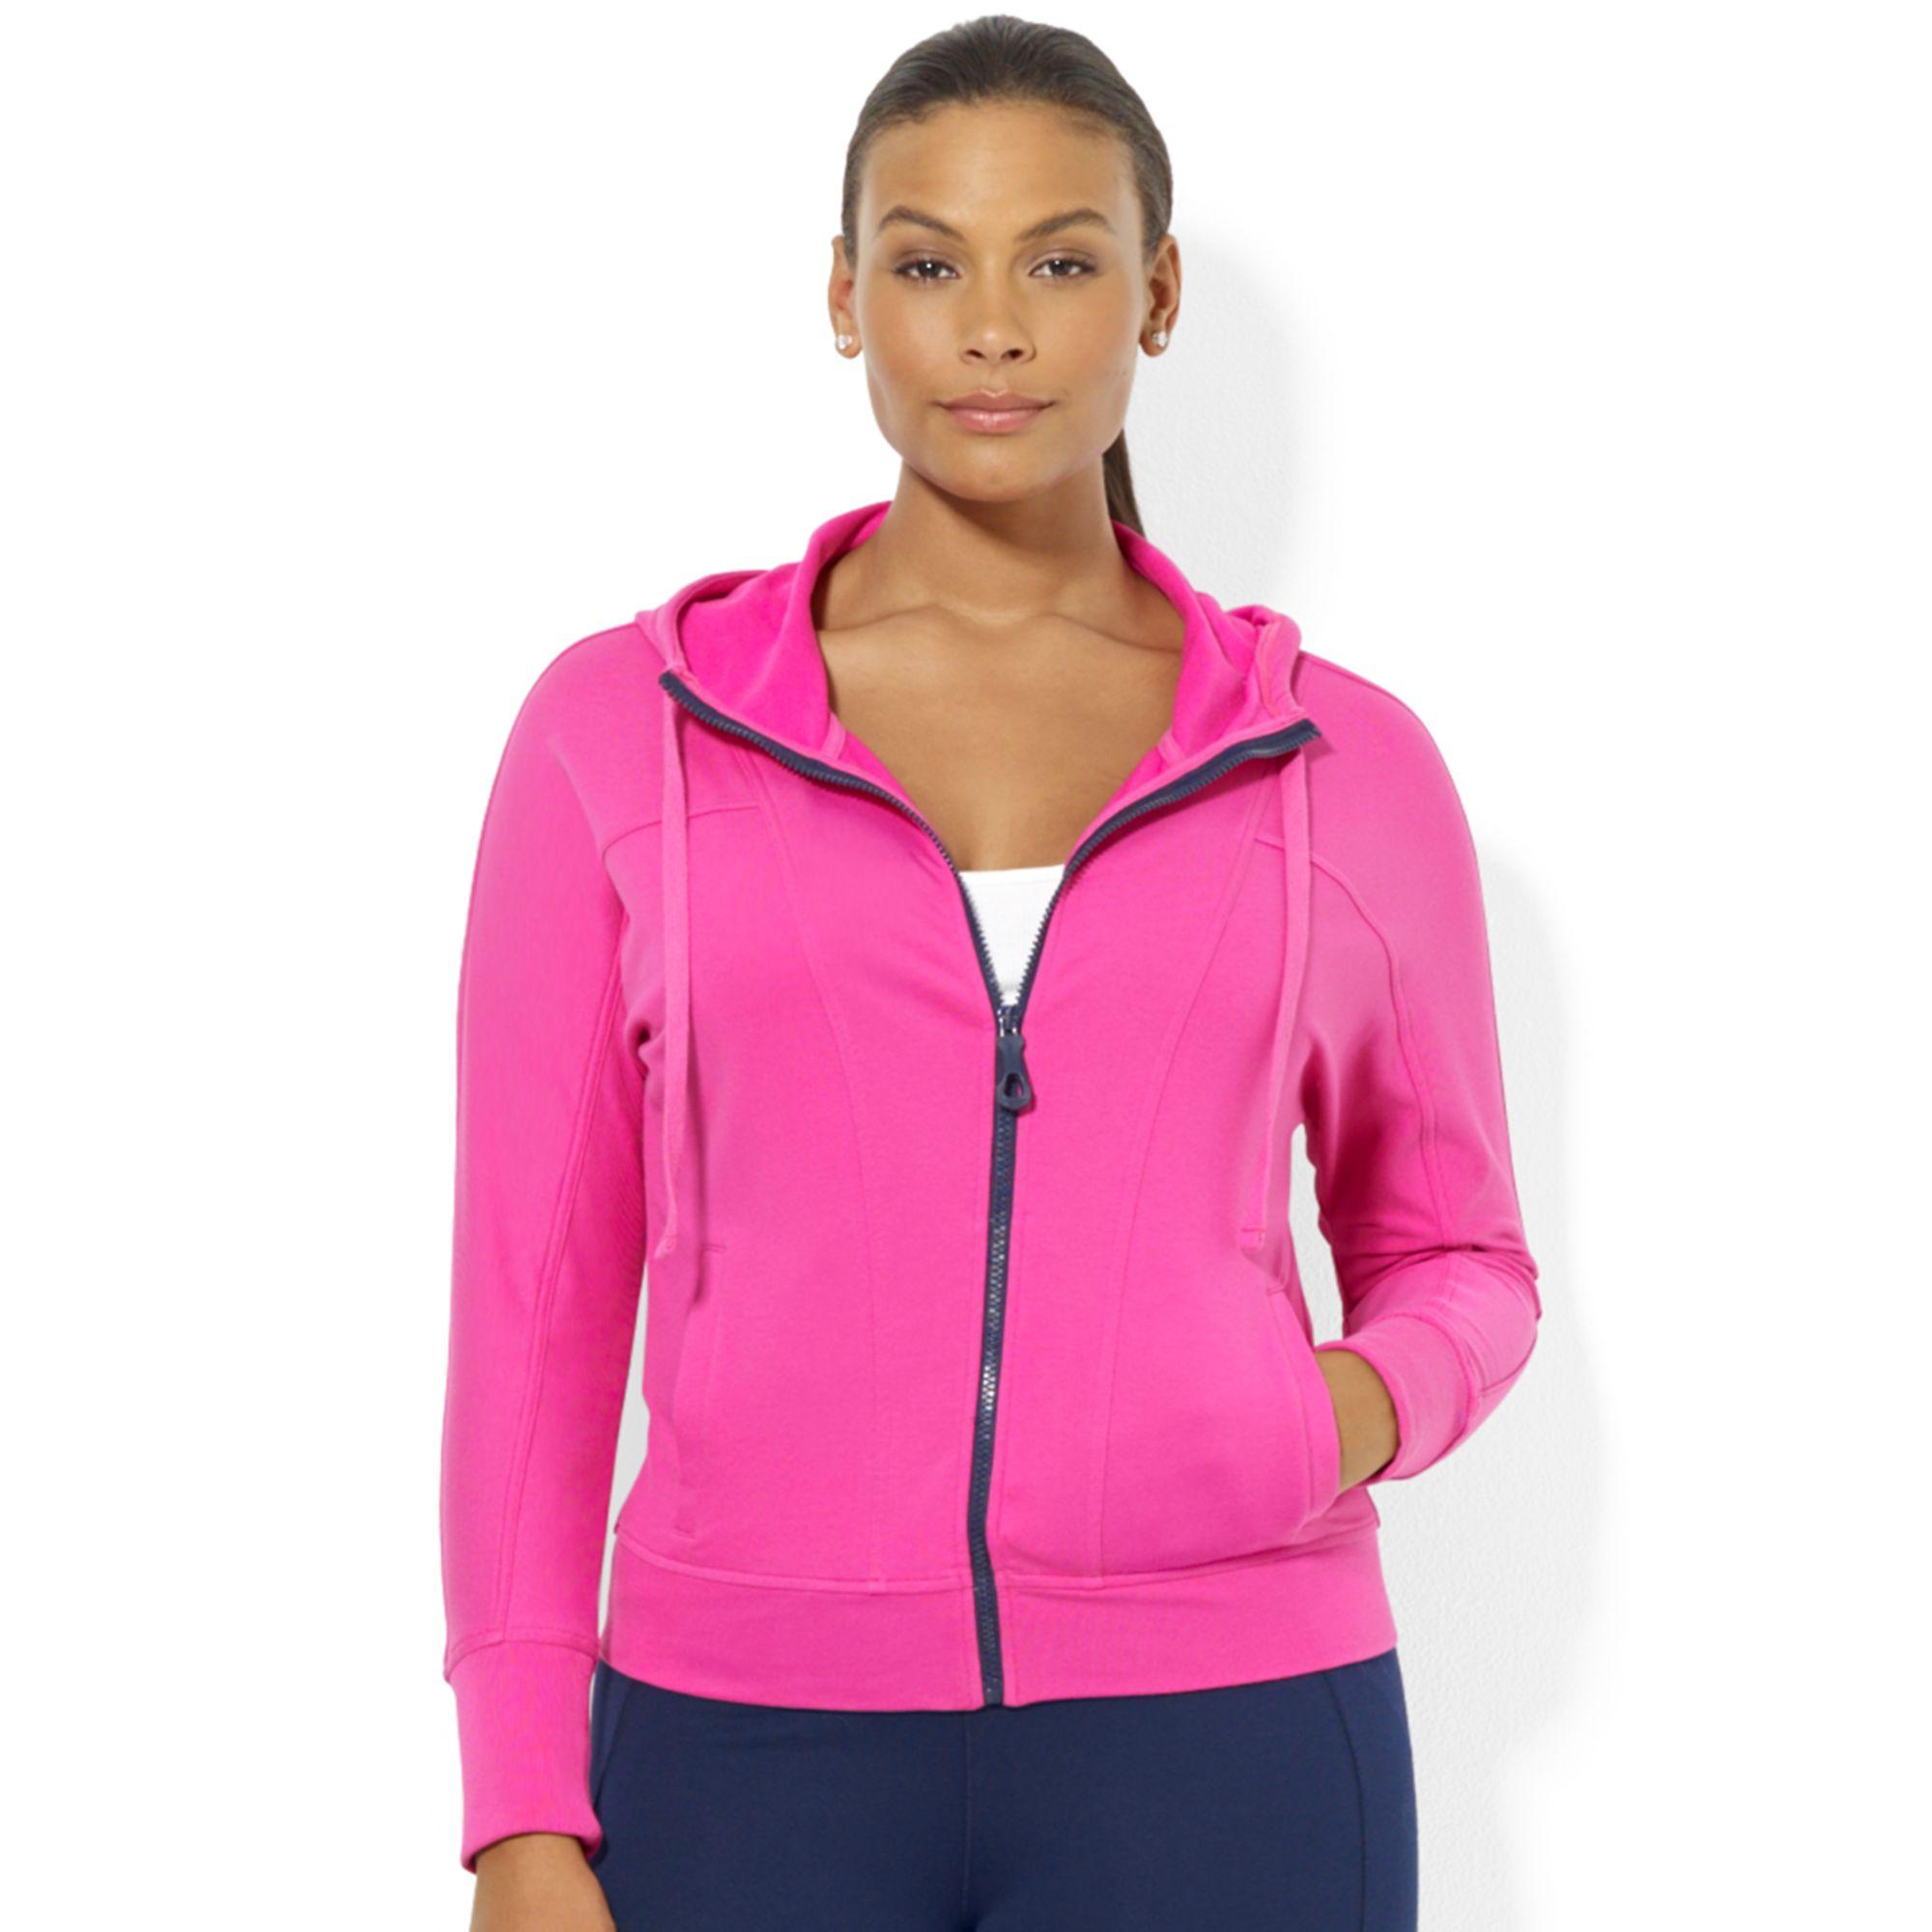 lauren by ralph lauren plus size zipup hoodie in pink | lyst